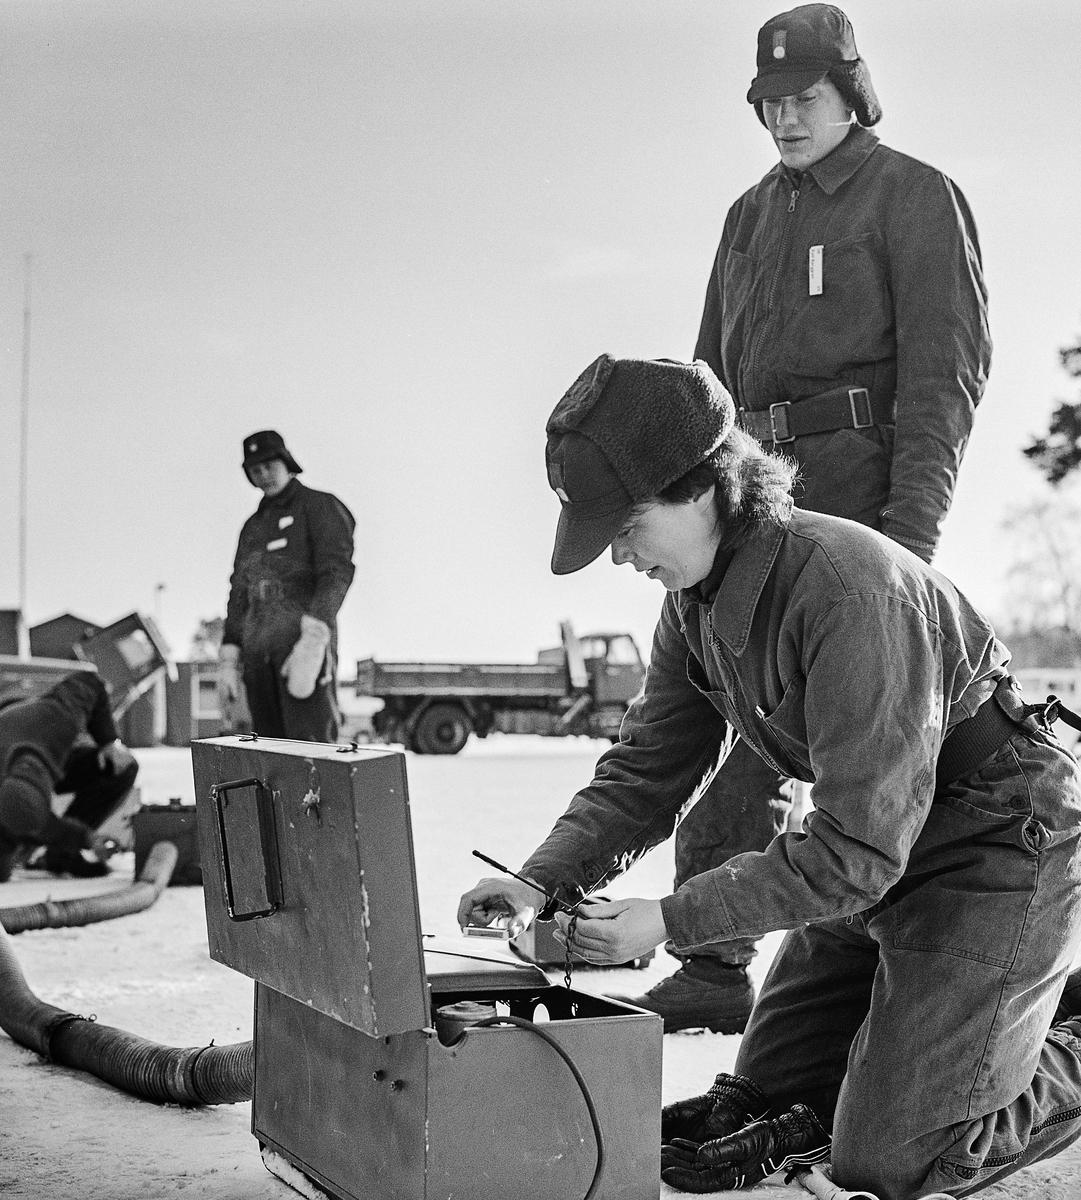 """Trängens aspirantskola vid T 2 i Skövde genomför vinterutbildning i motortjänst.  Värmeaggregat 311 A eldades med bensin och fläkten drevs med ett bilbatteri. Många var rädda för 311:an och """"bensinbomben"""" hade nog många hört talas om. Här fick eleverna lära sig hur man fyller på bensin, kollar tätheten och rätt förfarande vid tändning -- så förhoppningsvis ökade förtroendet.  OBS! två bilder."""